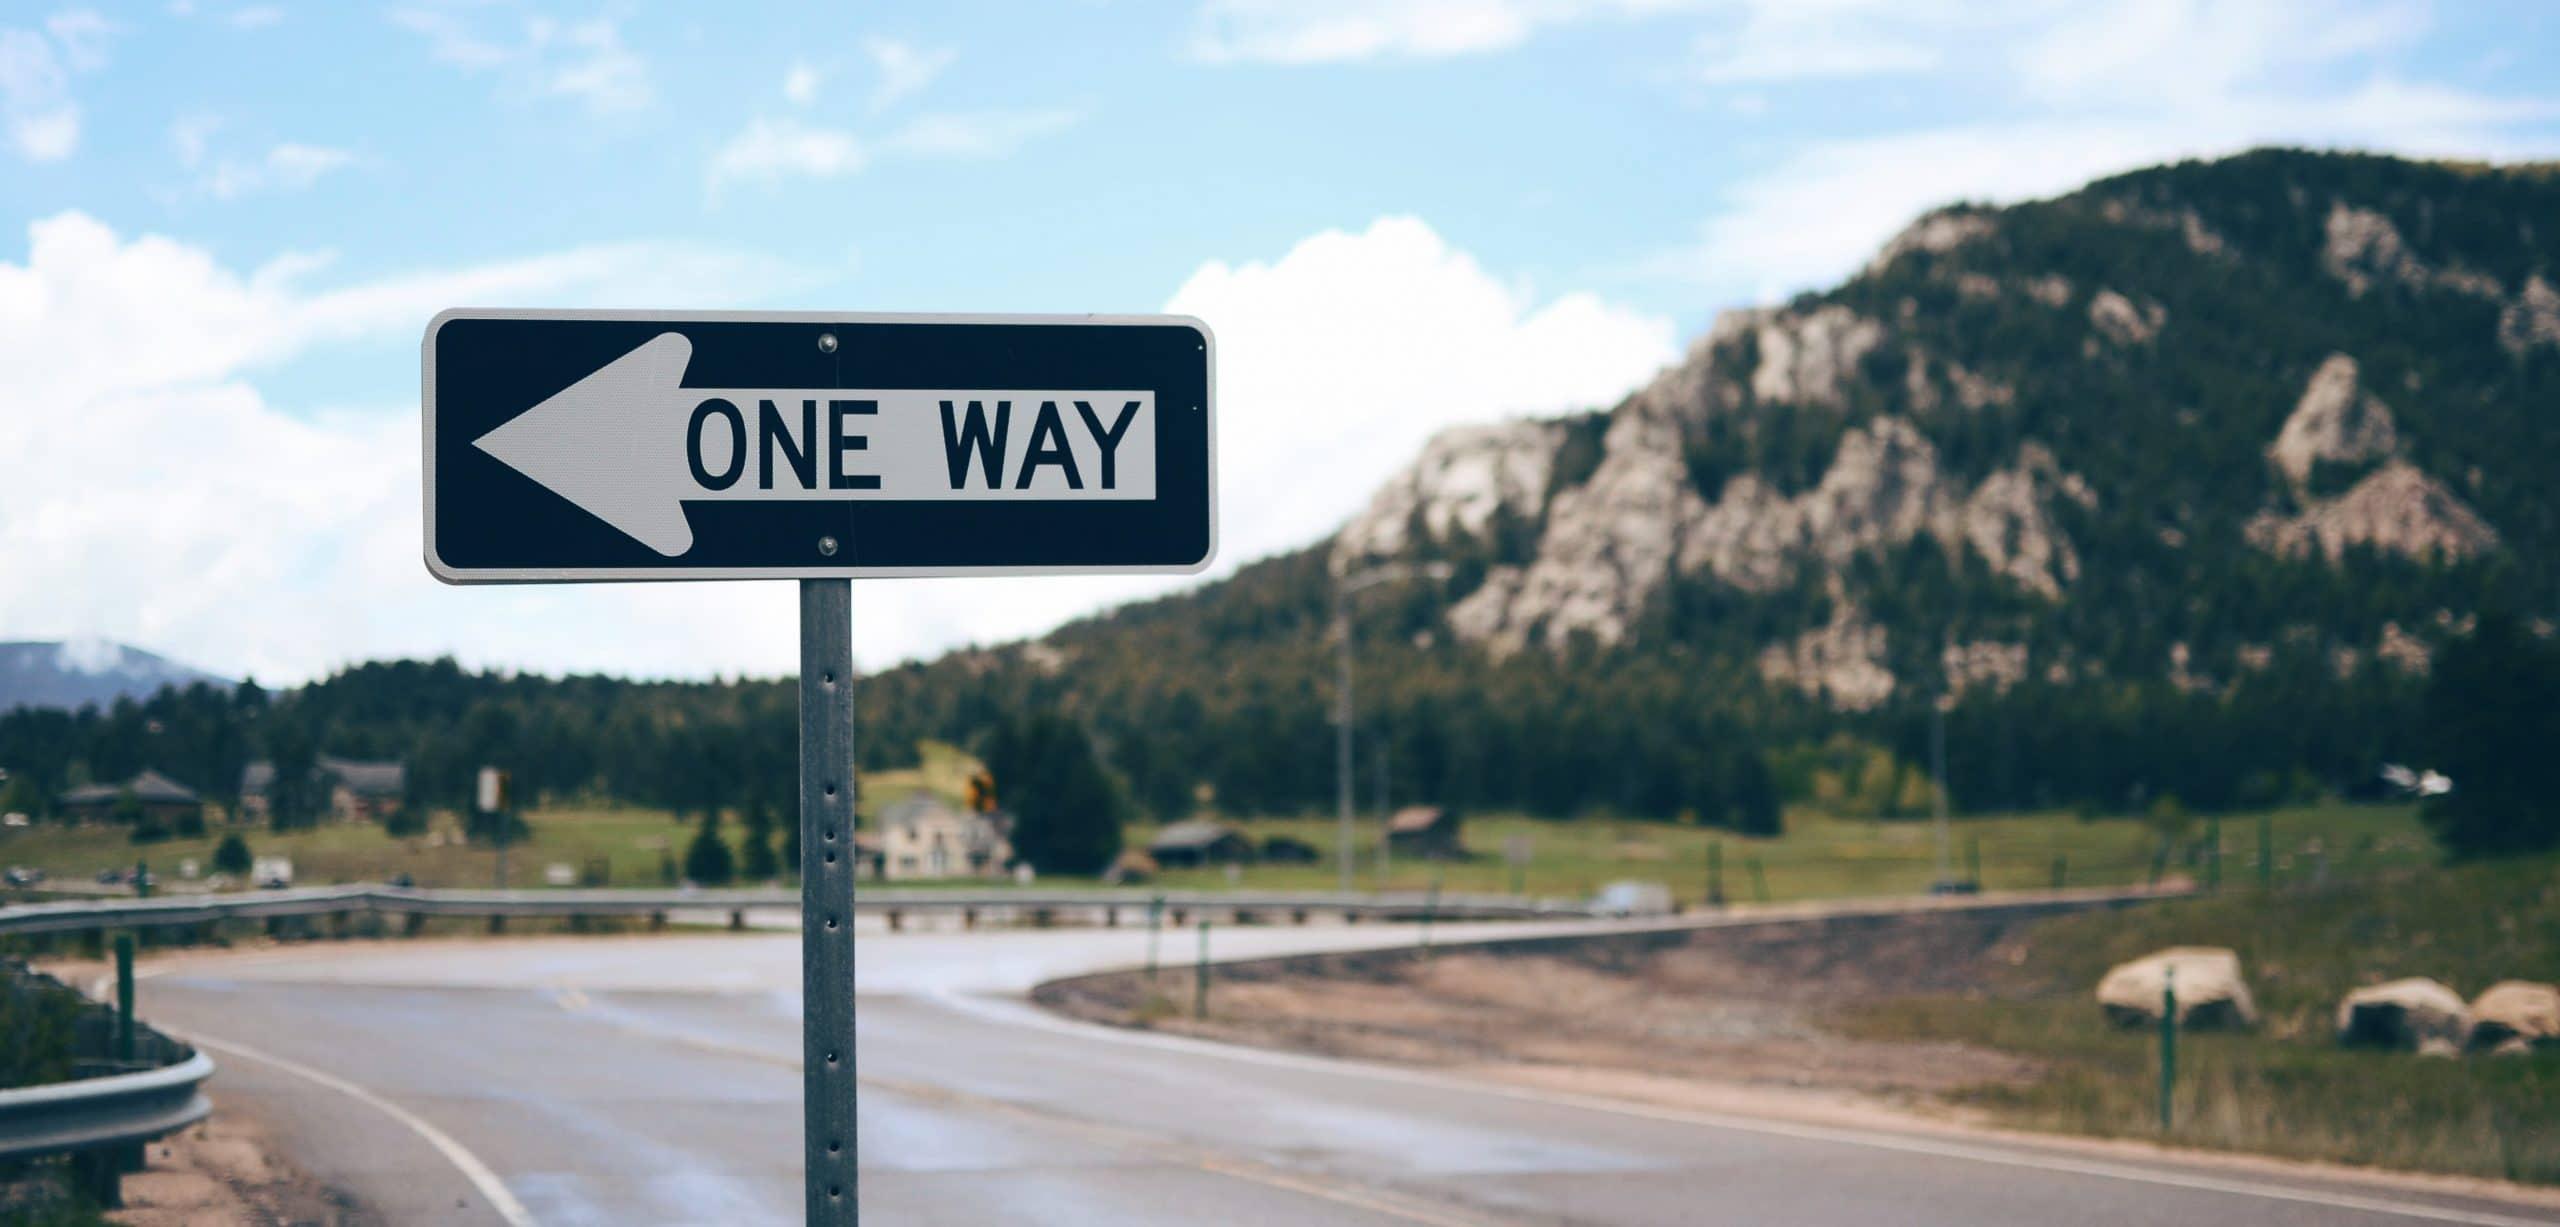 Placa de direção em estrada